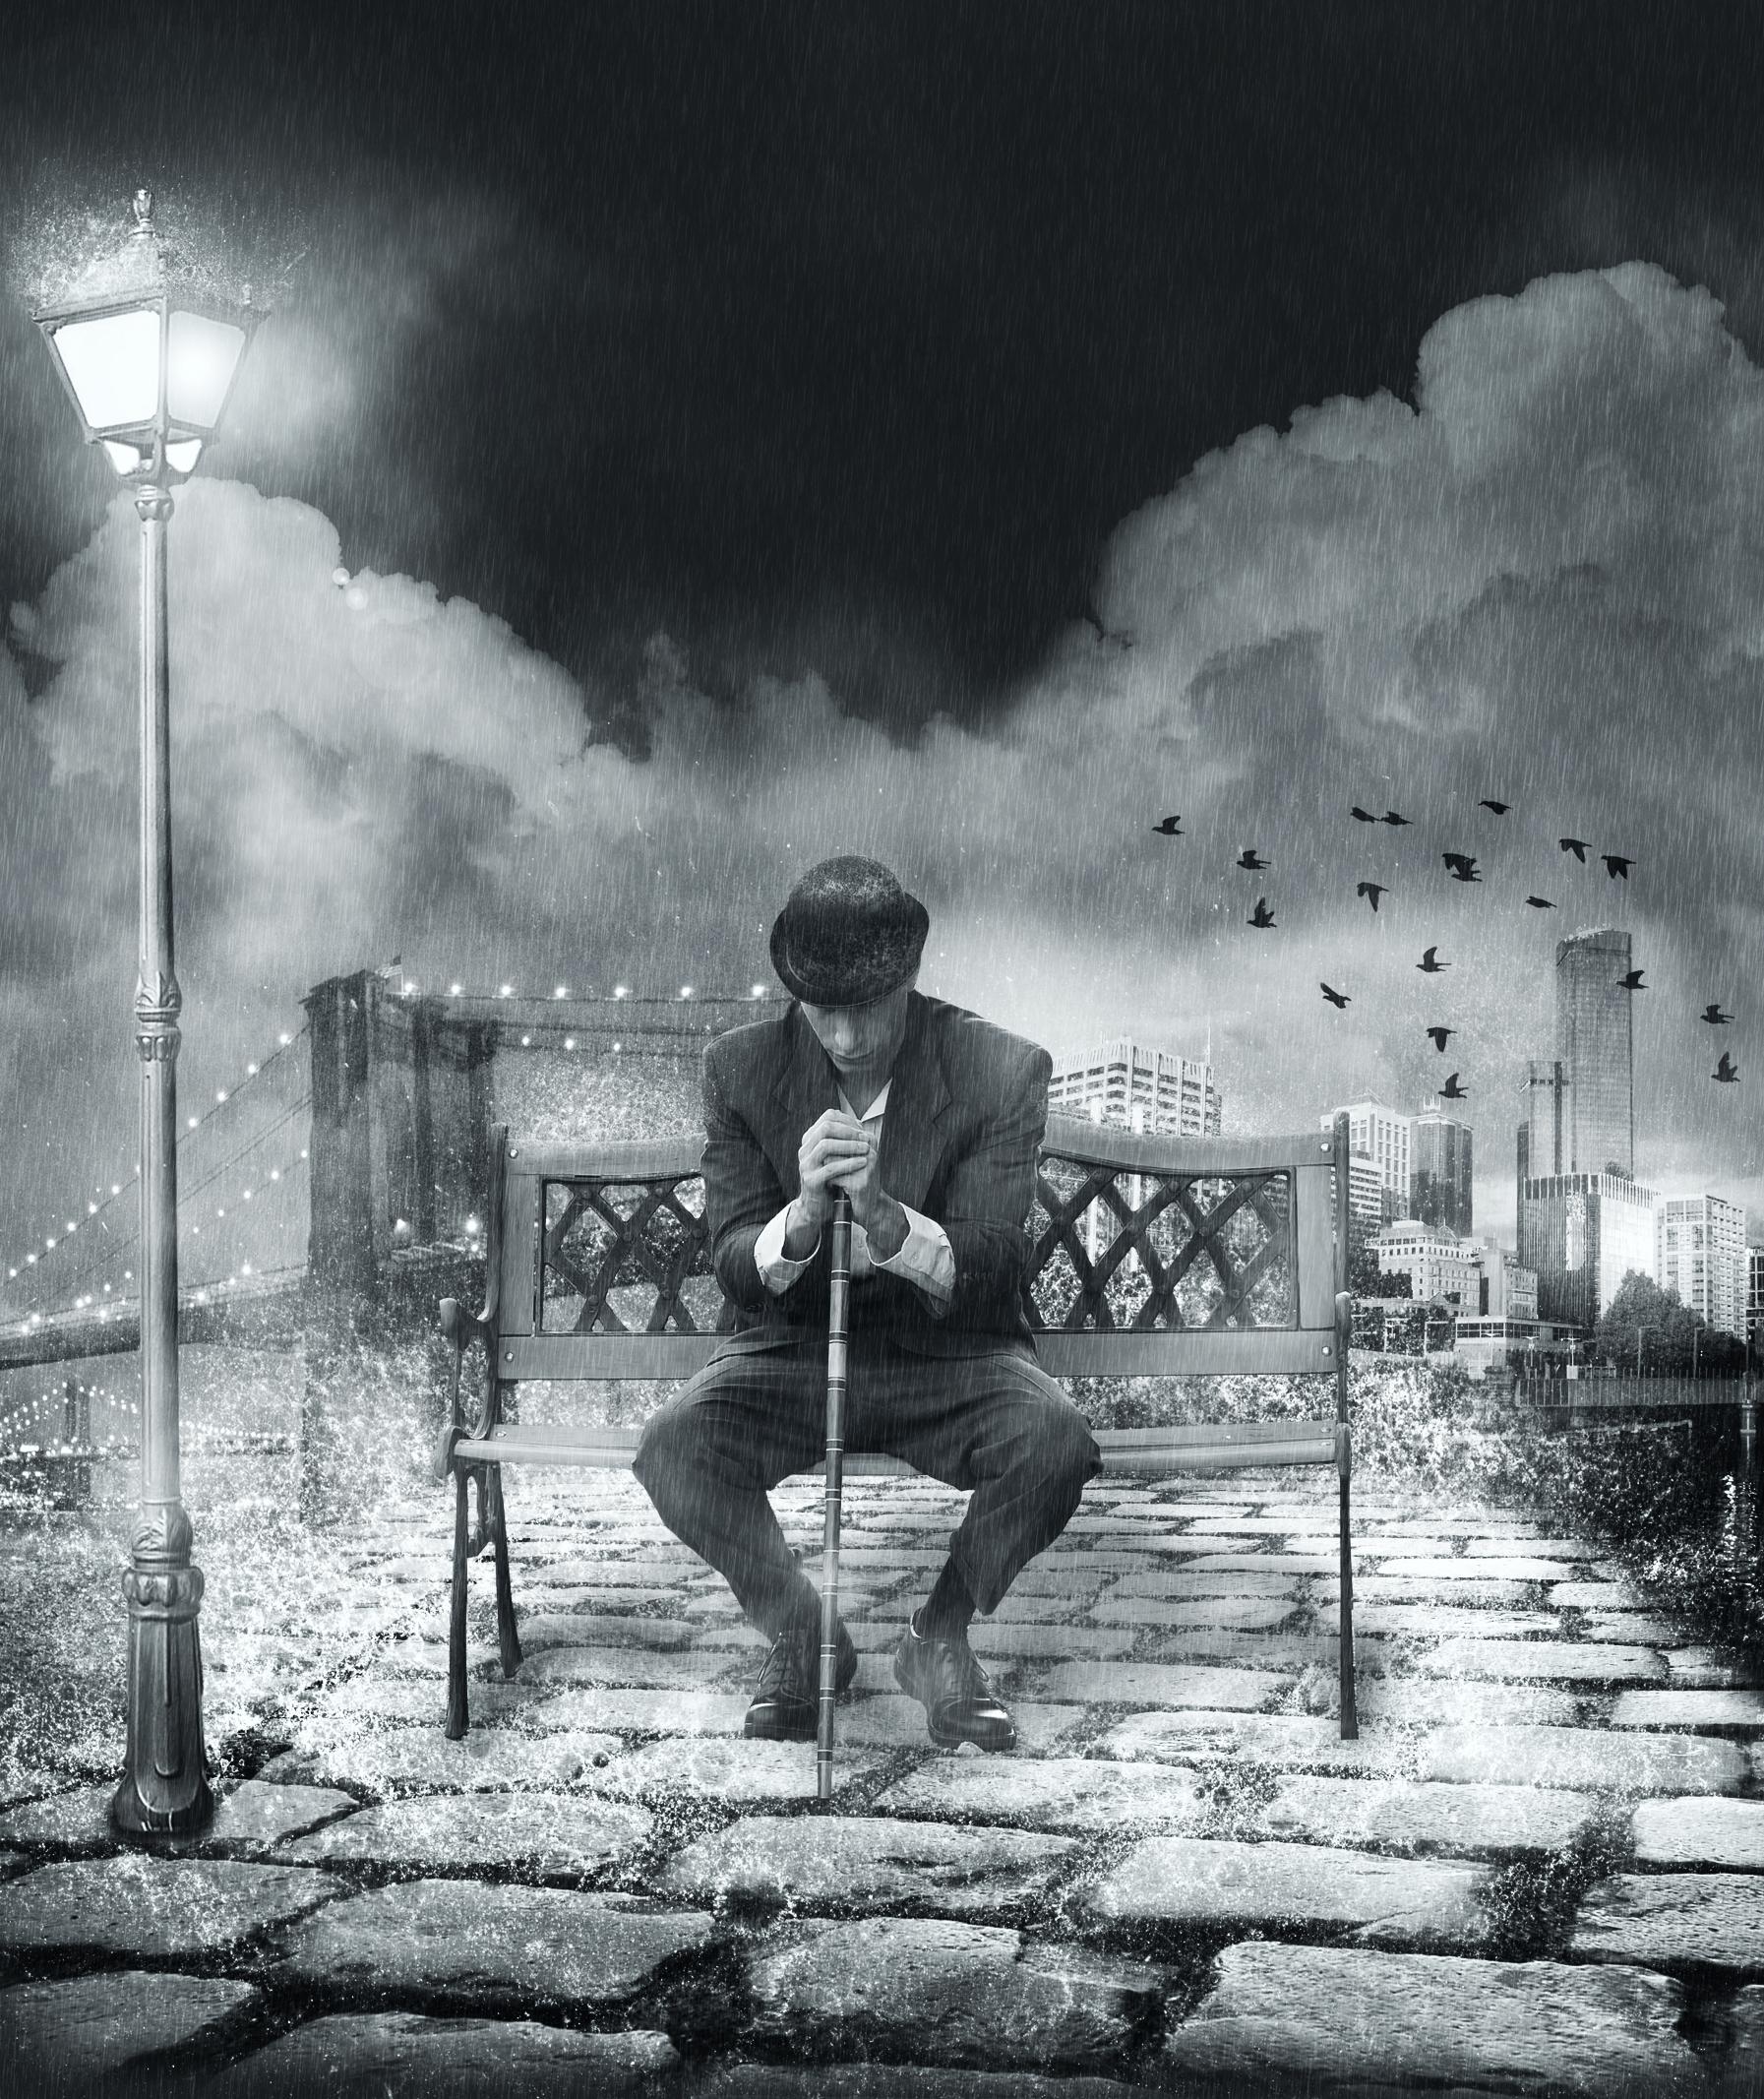 Rain Man by DomagojTaborski